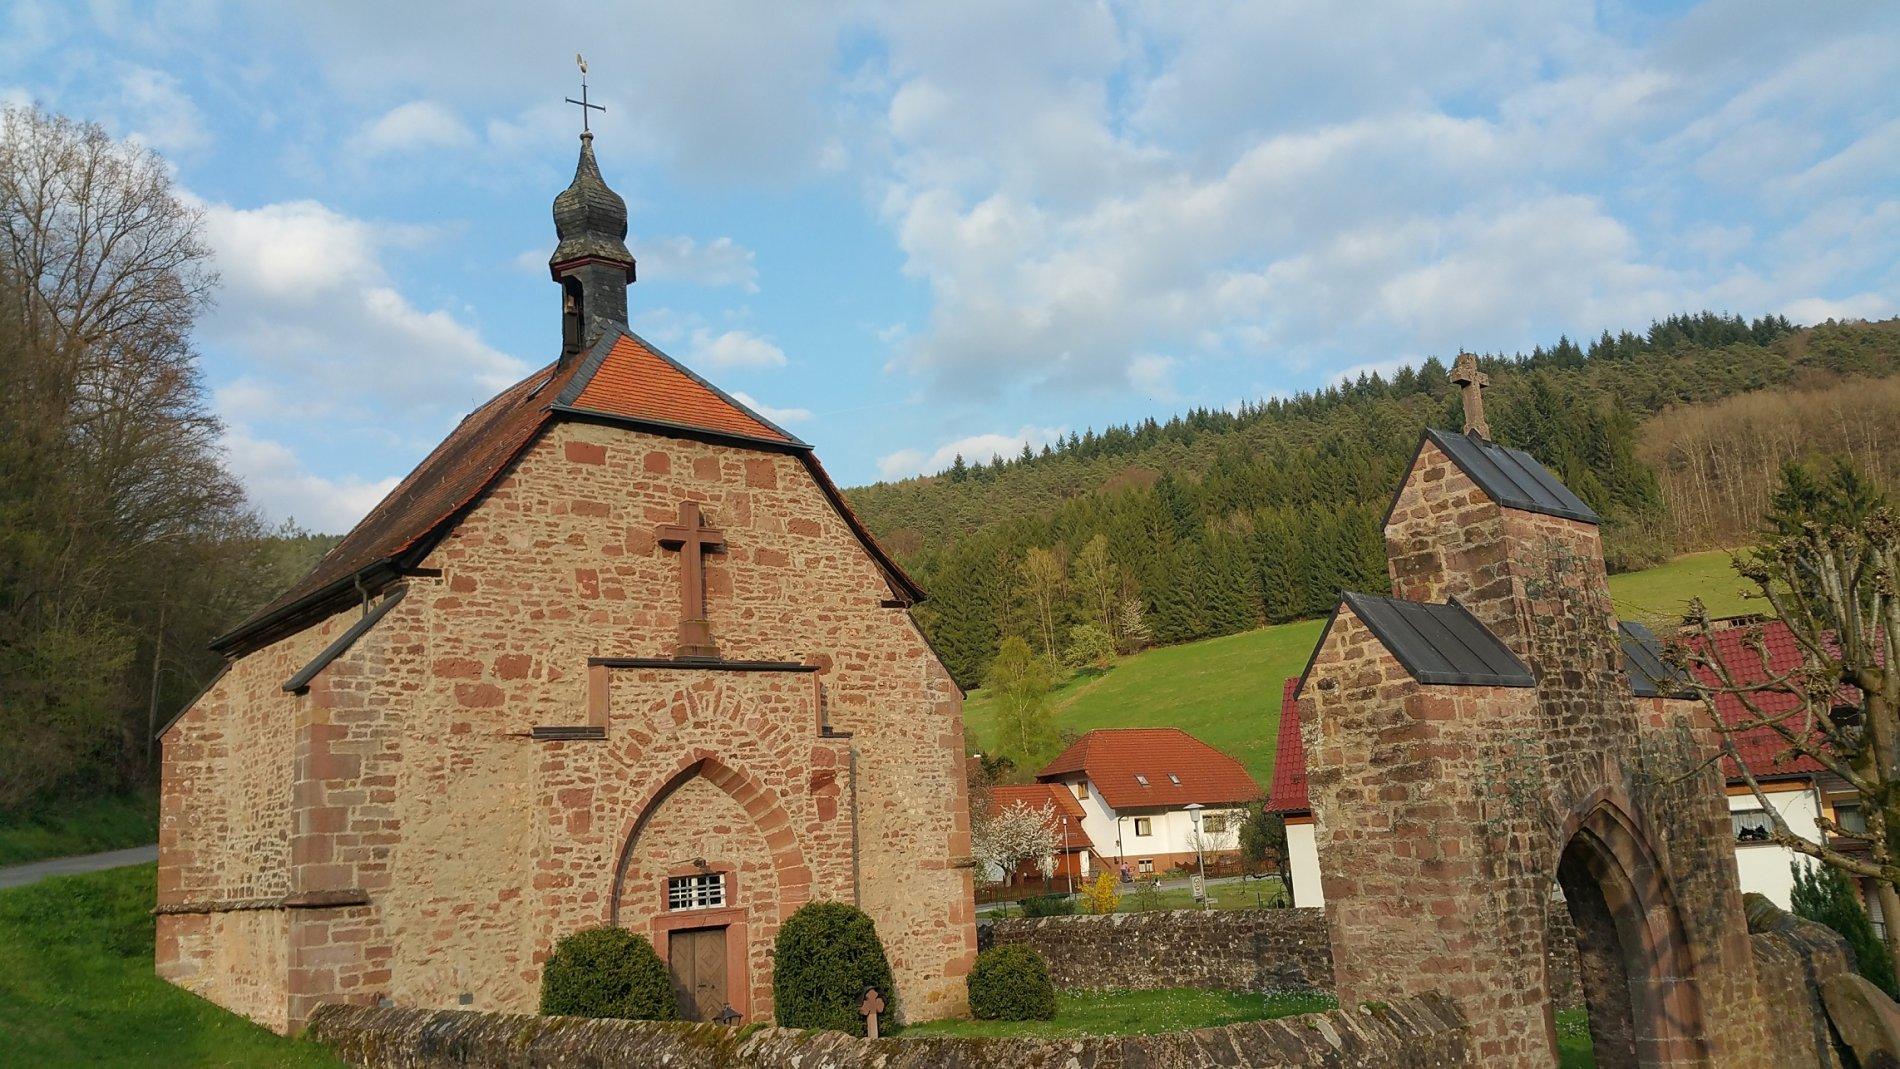 Oberzent Quellkirche Schöllenbach